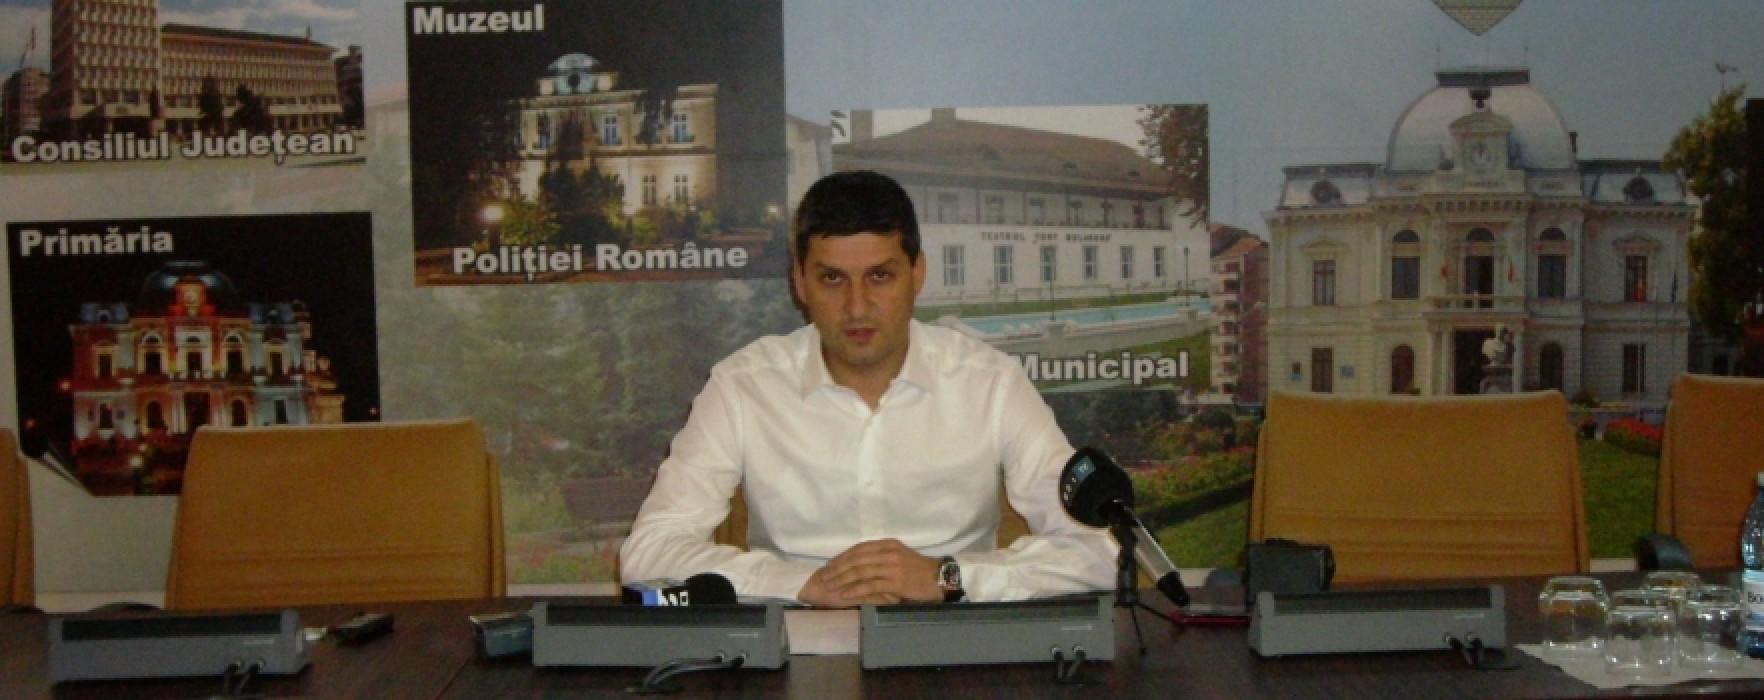 Prefectul de Dâmboviţa a emis ordinul de încetare a mandatului primarului Gabriel Boriga